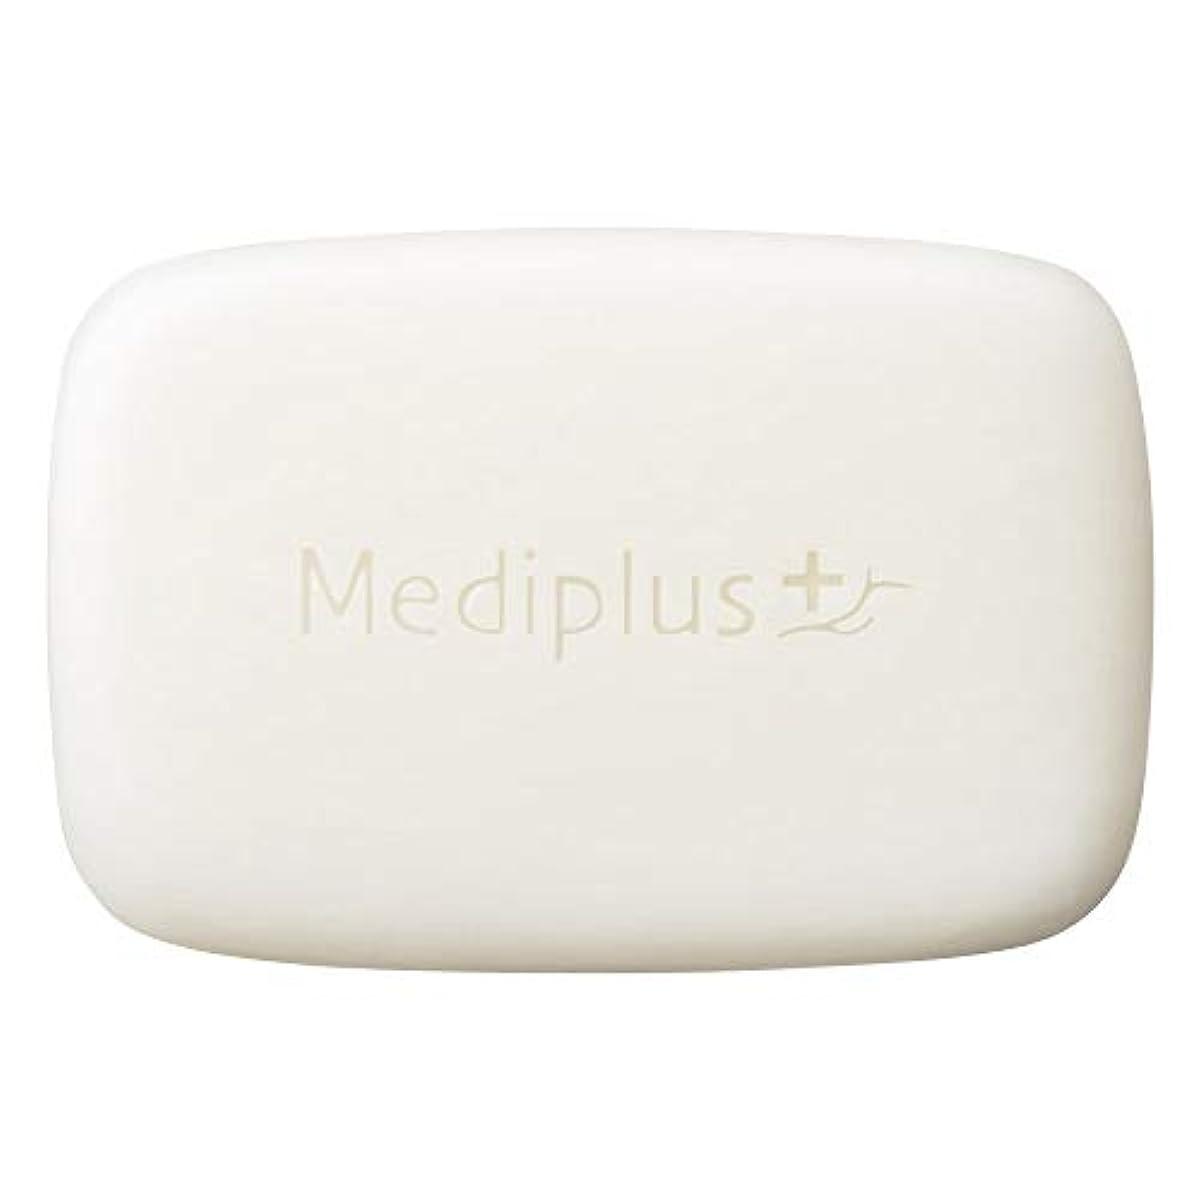 素晴らしい欺く機動mediplus メディプラス オイルクリームソープ 60g(約2か月分)